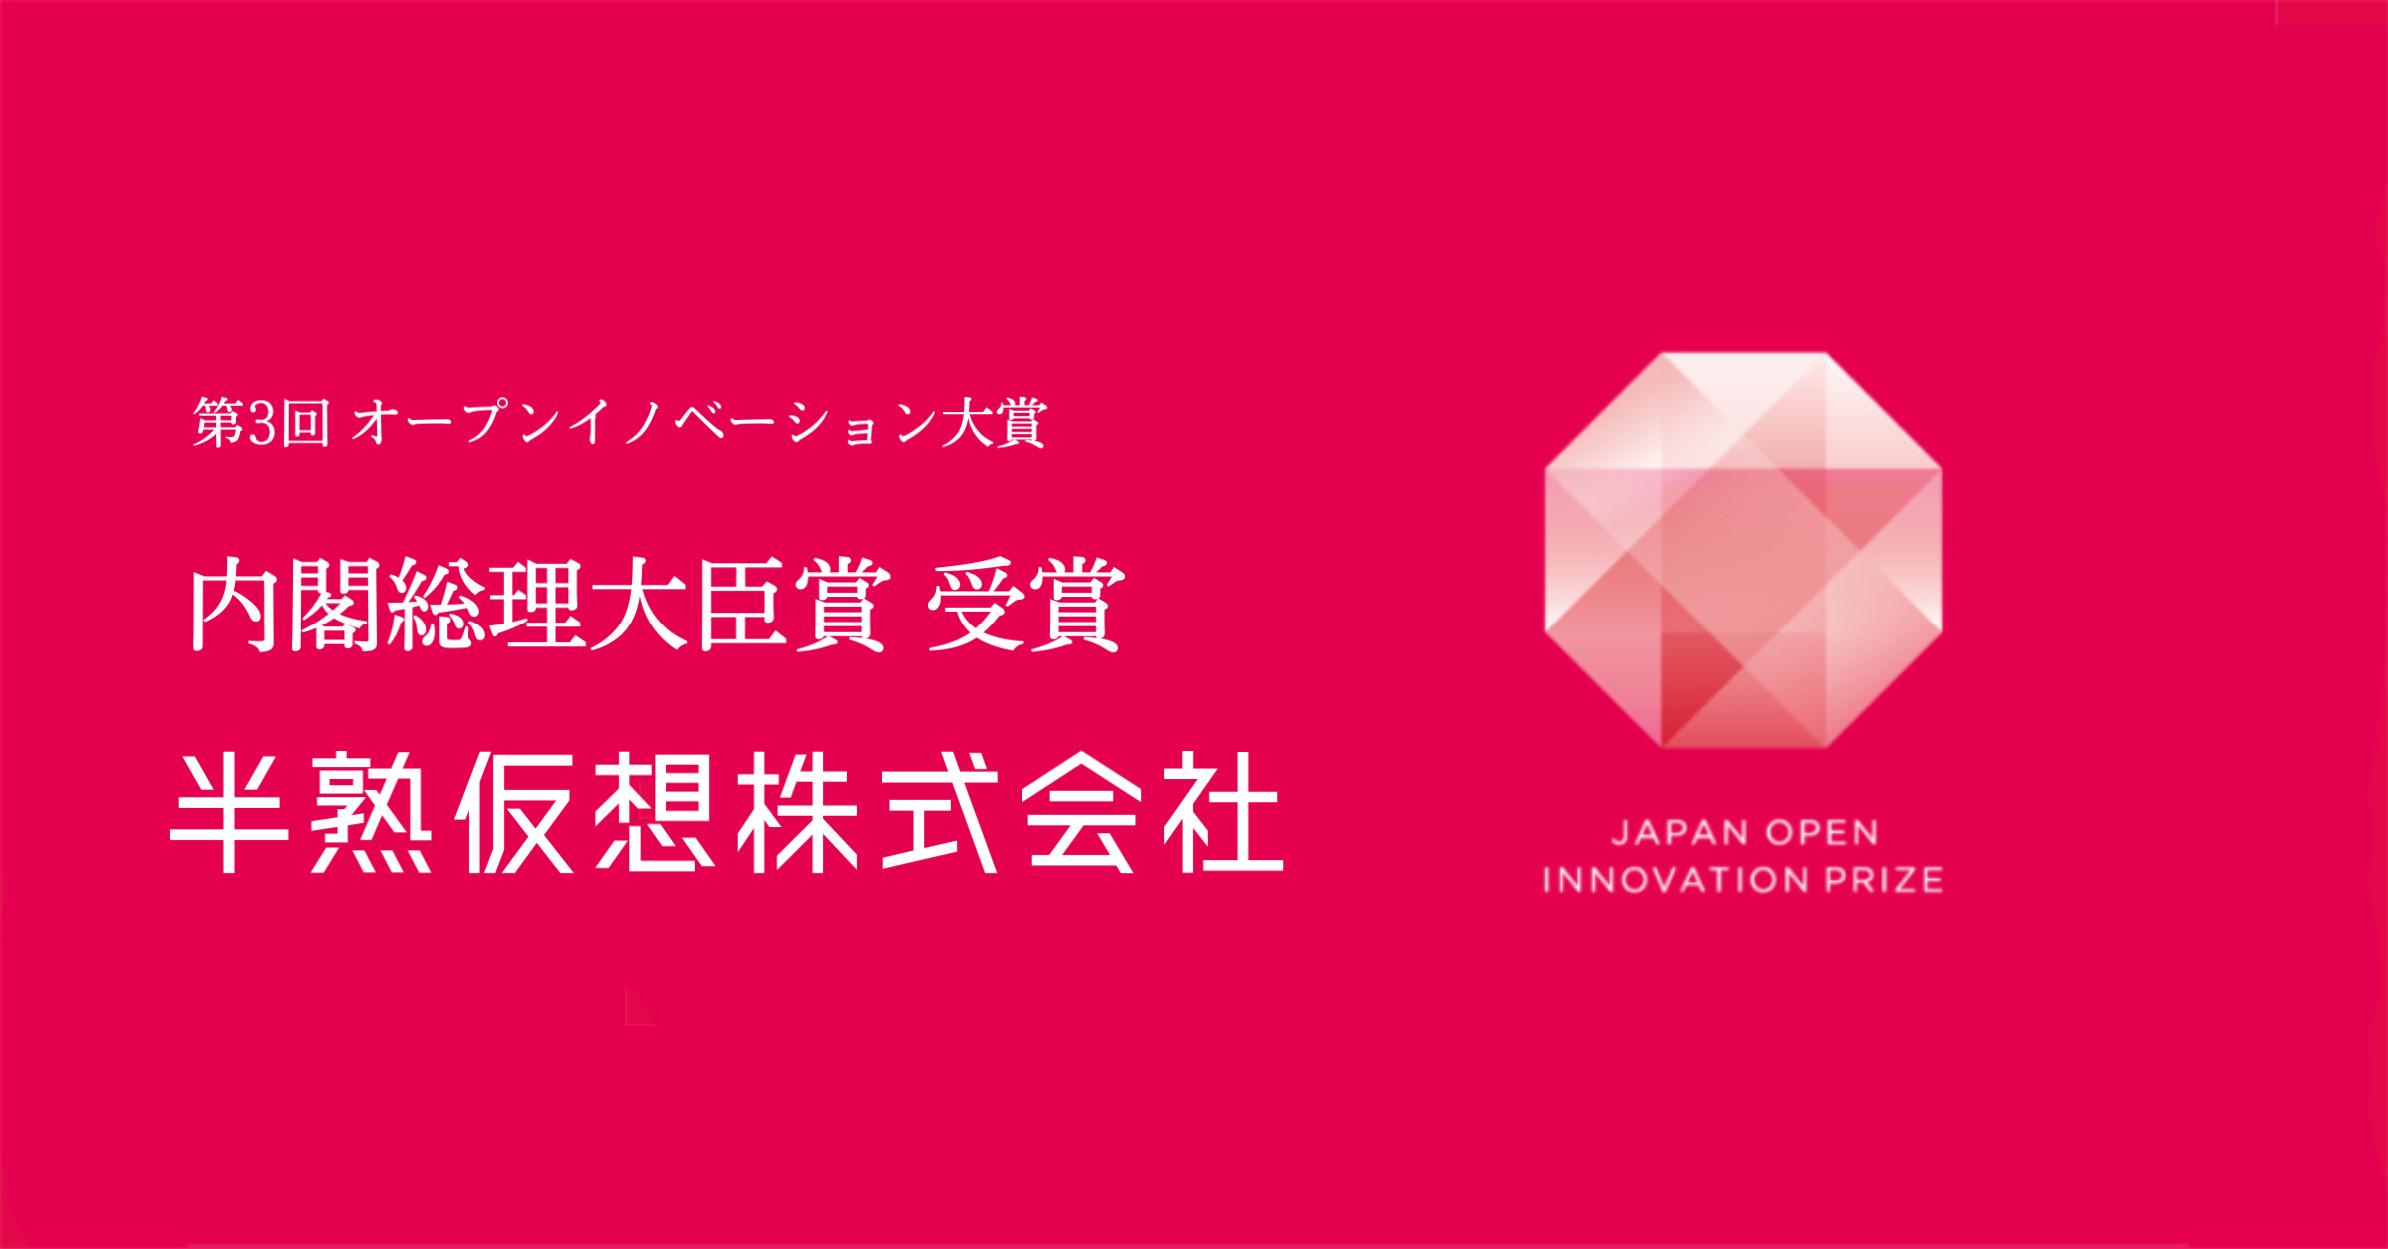 【内閣府主催 第3回 日本オープンイノベーション大賞】半熟仮想とZOZO研究所、共同研究チームが内閣総理大臣賞を受賞